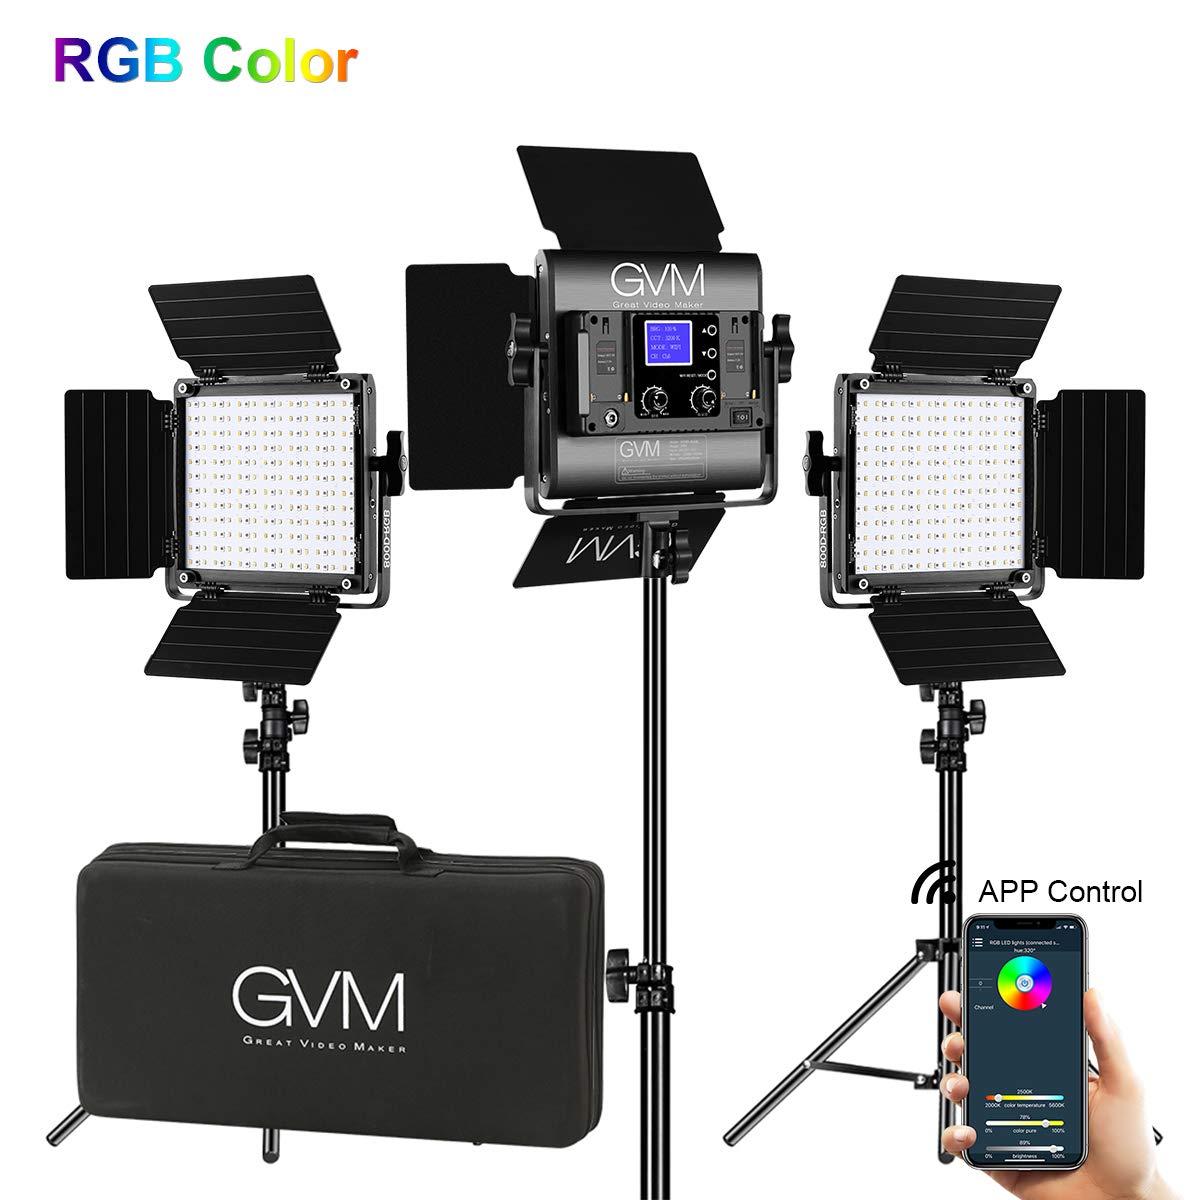 GVM RGB LED Video Lighting Kit, 800D Studio Video Lights with APP Control, Video Lighting Kit for YouTube Photography Lighting, 3 Packs Led Light Panel, 3200K-5600K by GVM Great Video Maker